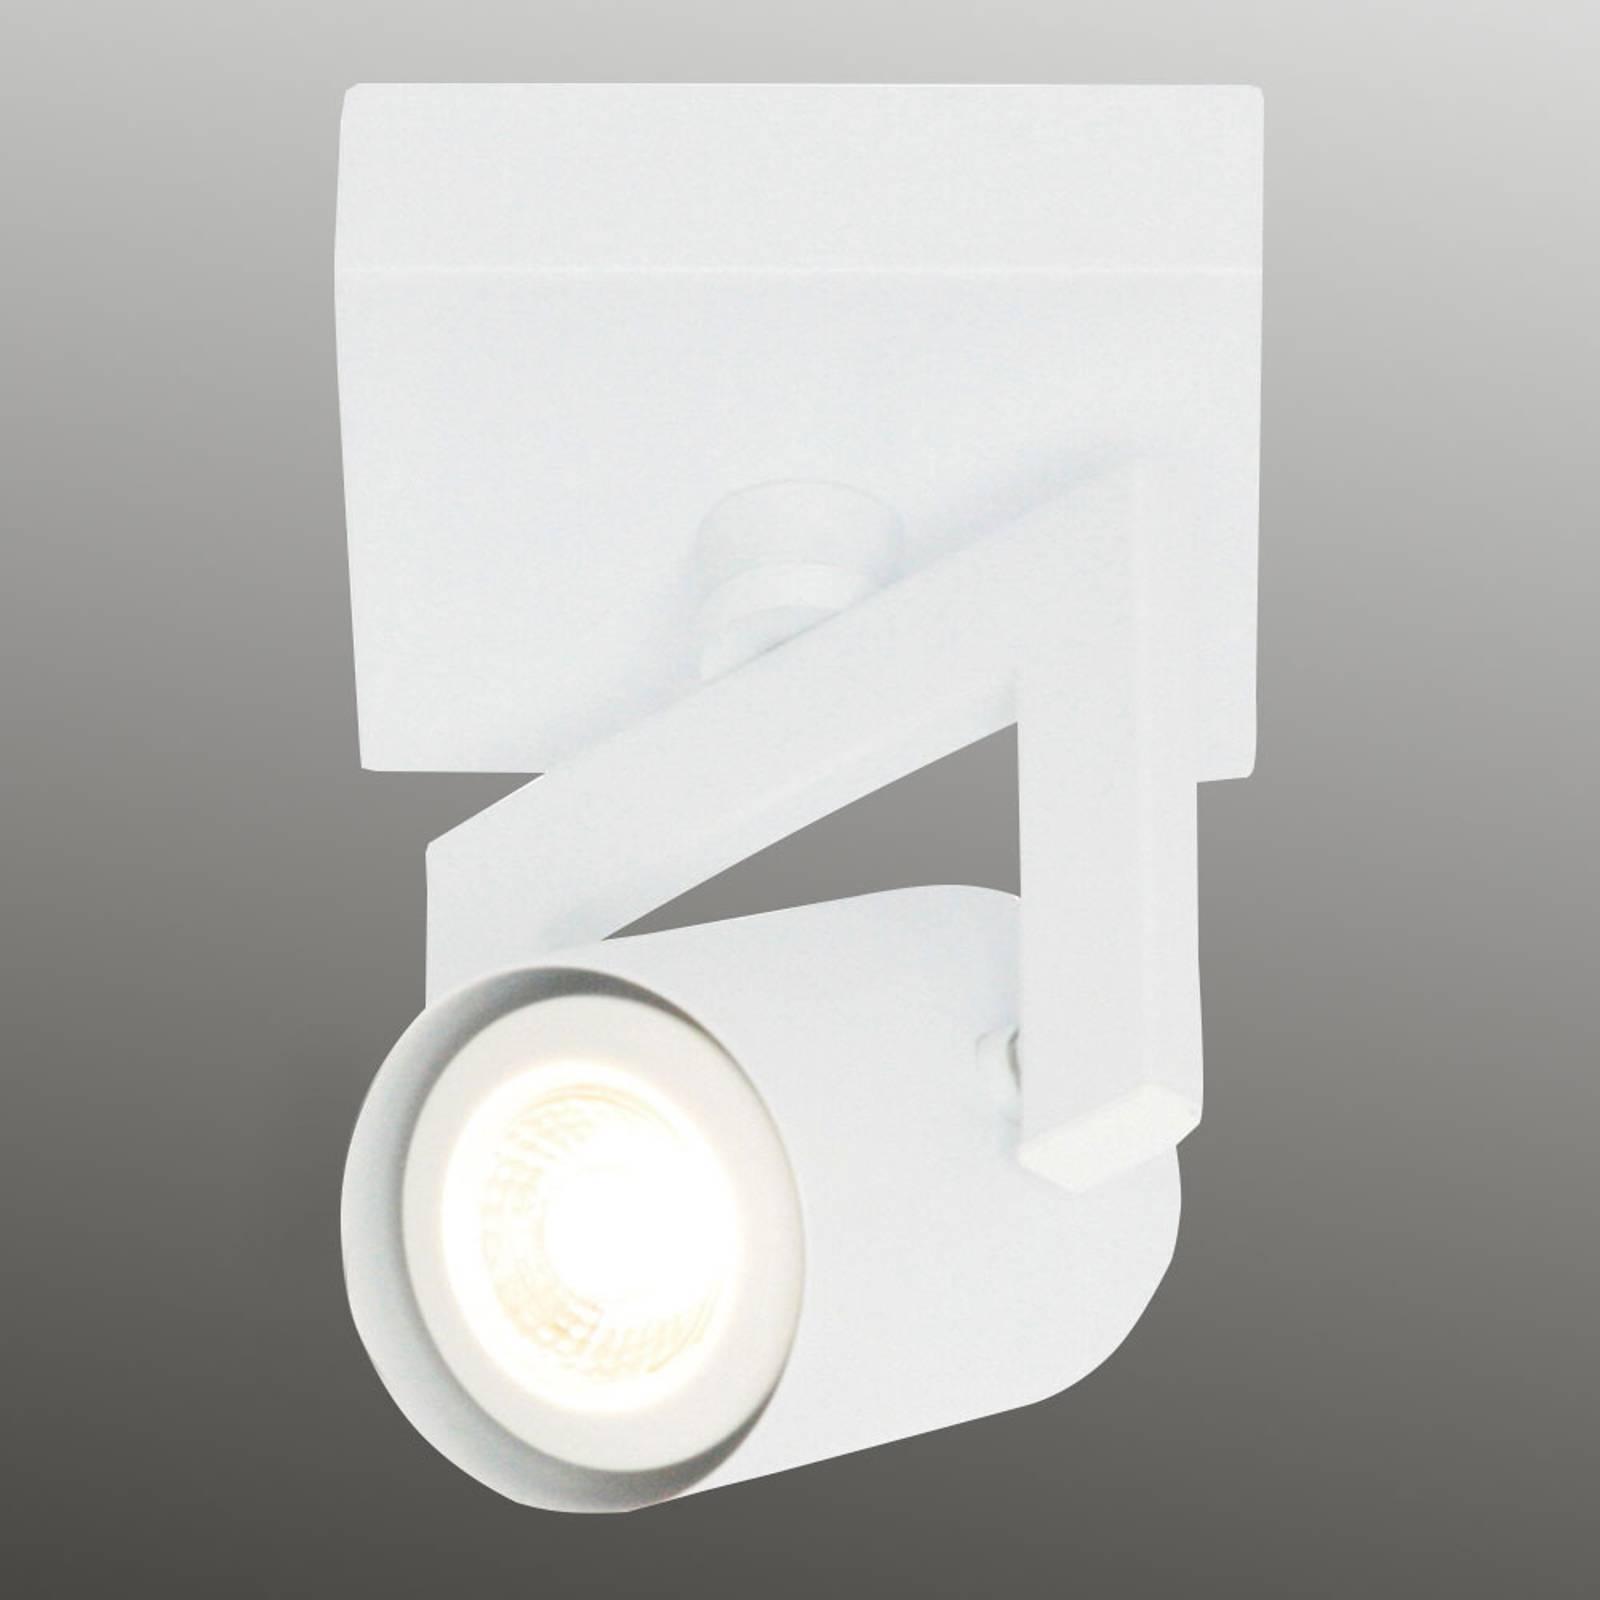 Valkoinen kattovalaisin ValvoLED 1-lamppuinen